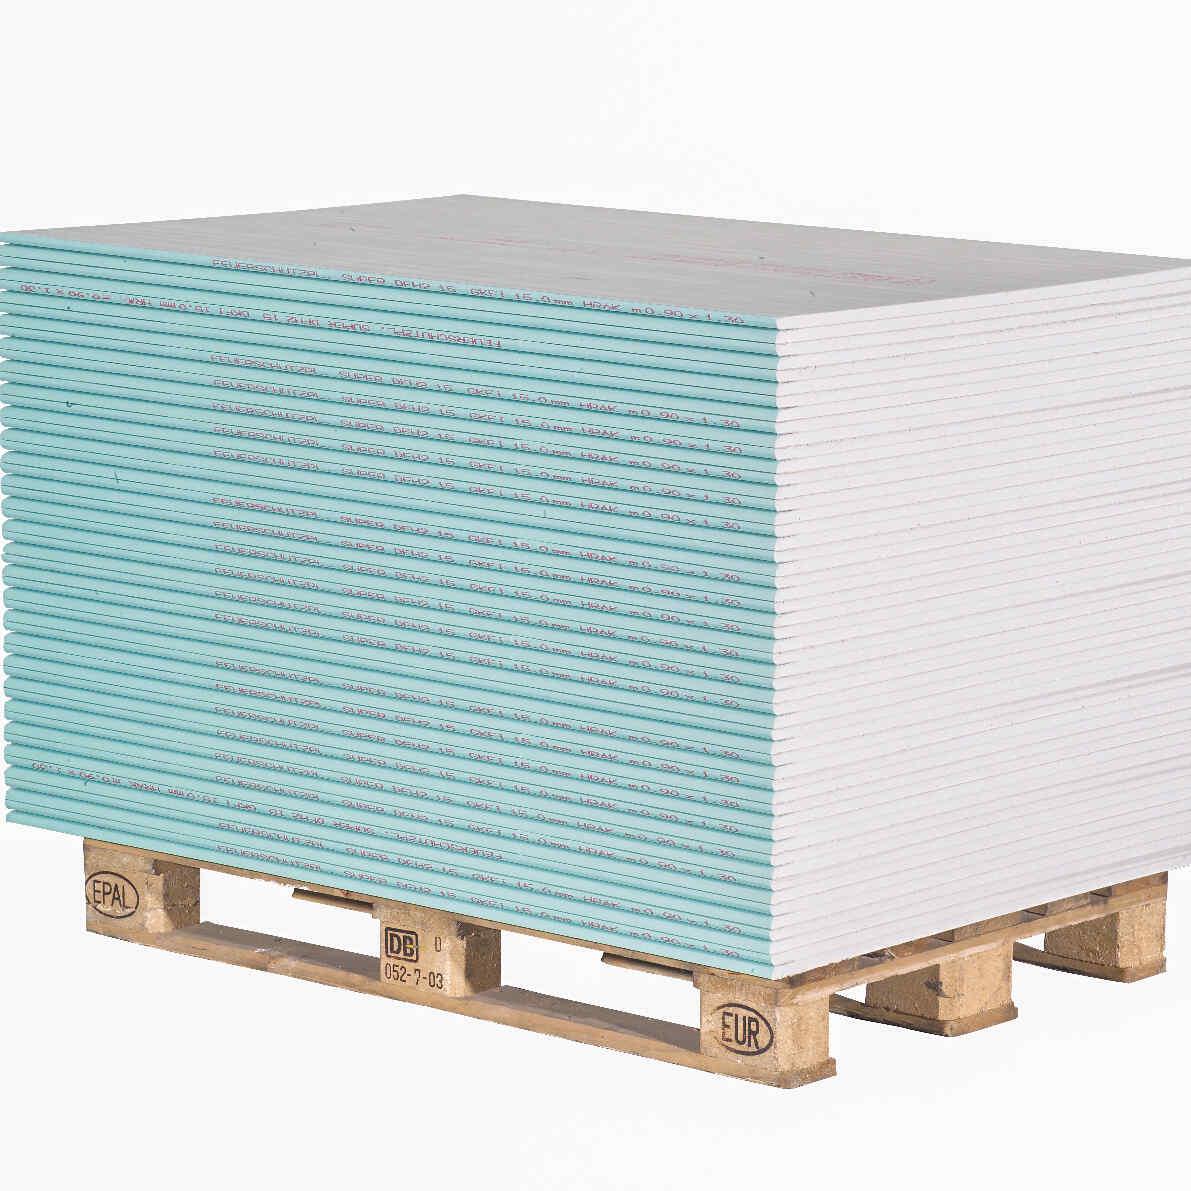 Case prefabbricate in legno vario haus comfort ed for Migliori costruttori case in legno